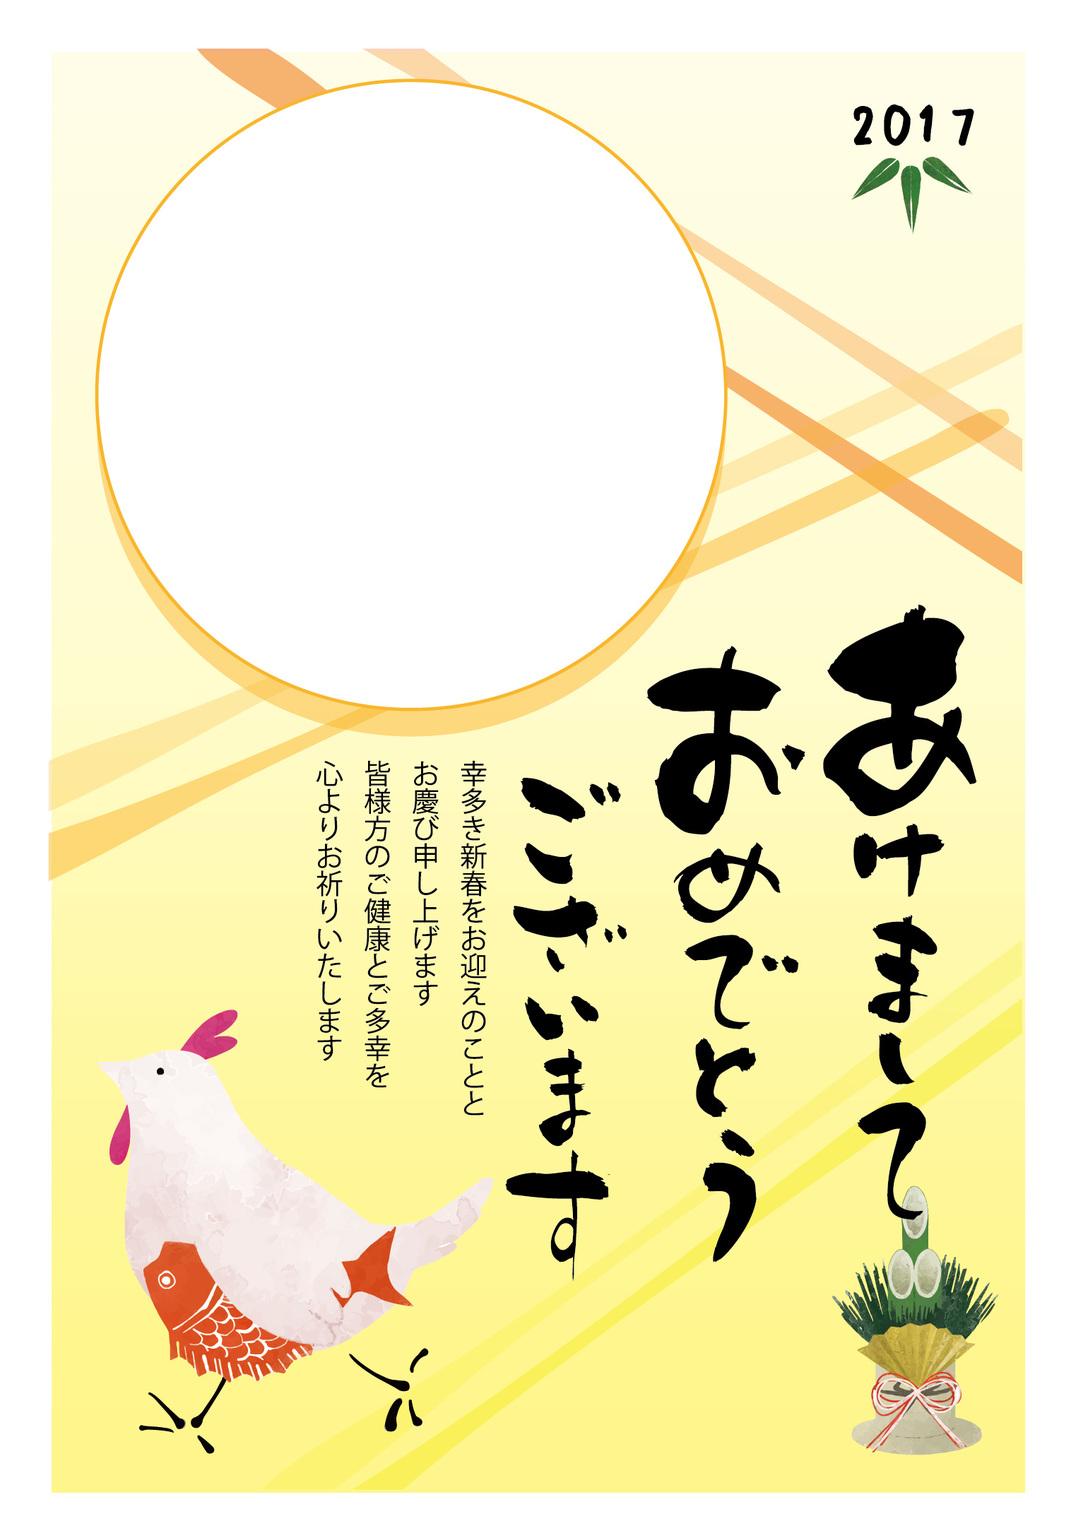 酉、鯛、門松の年賀状(JPEG,PNG,EPS)